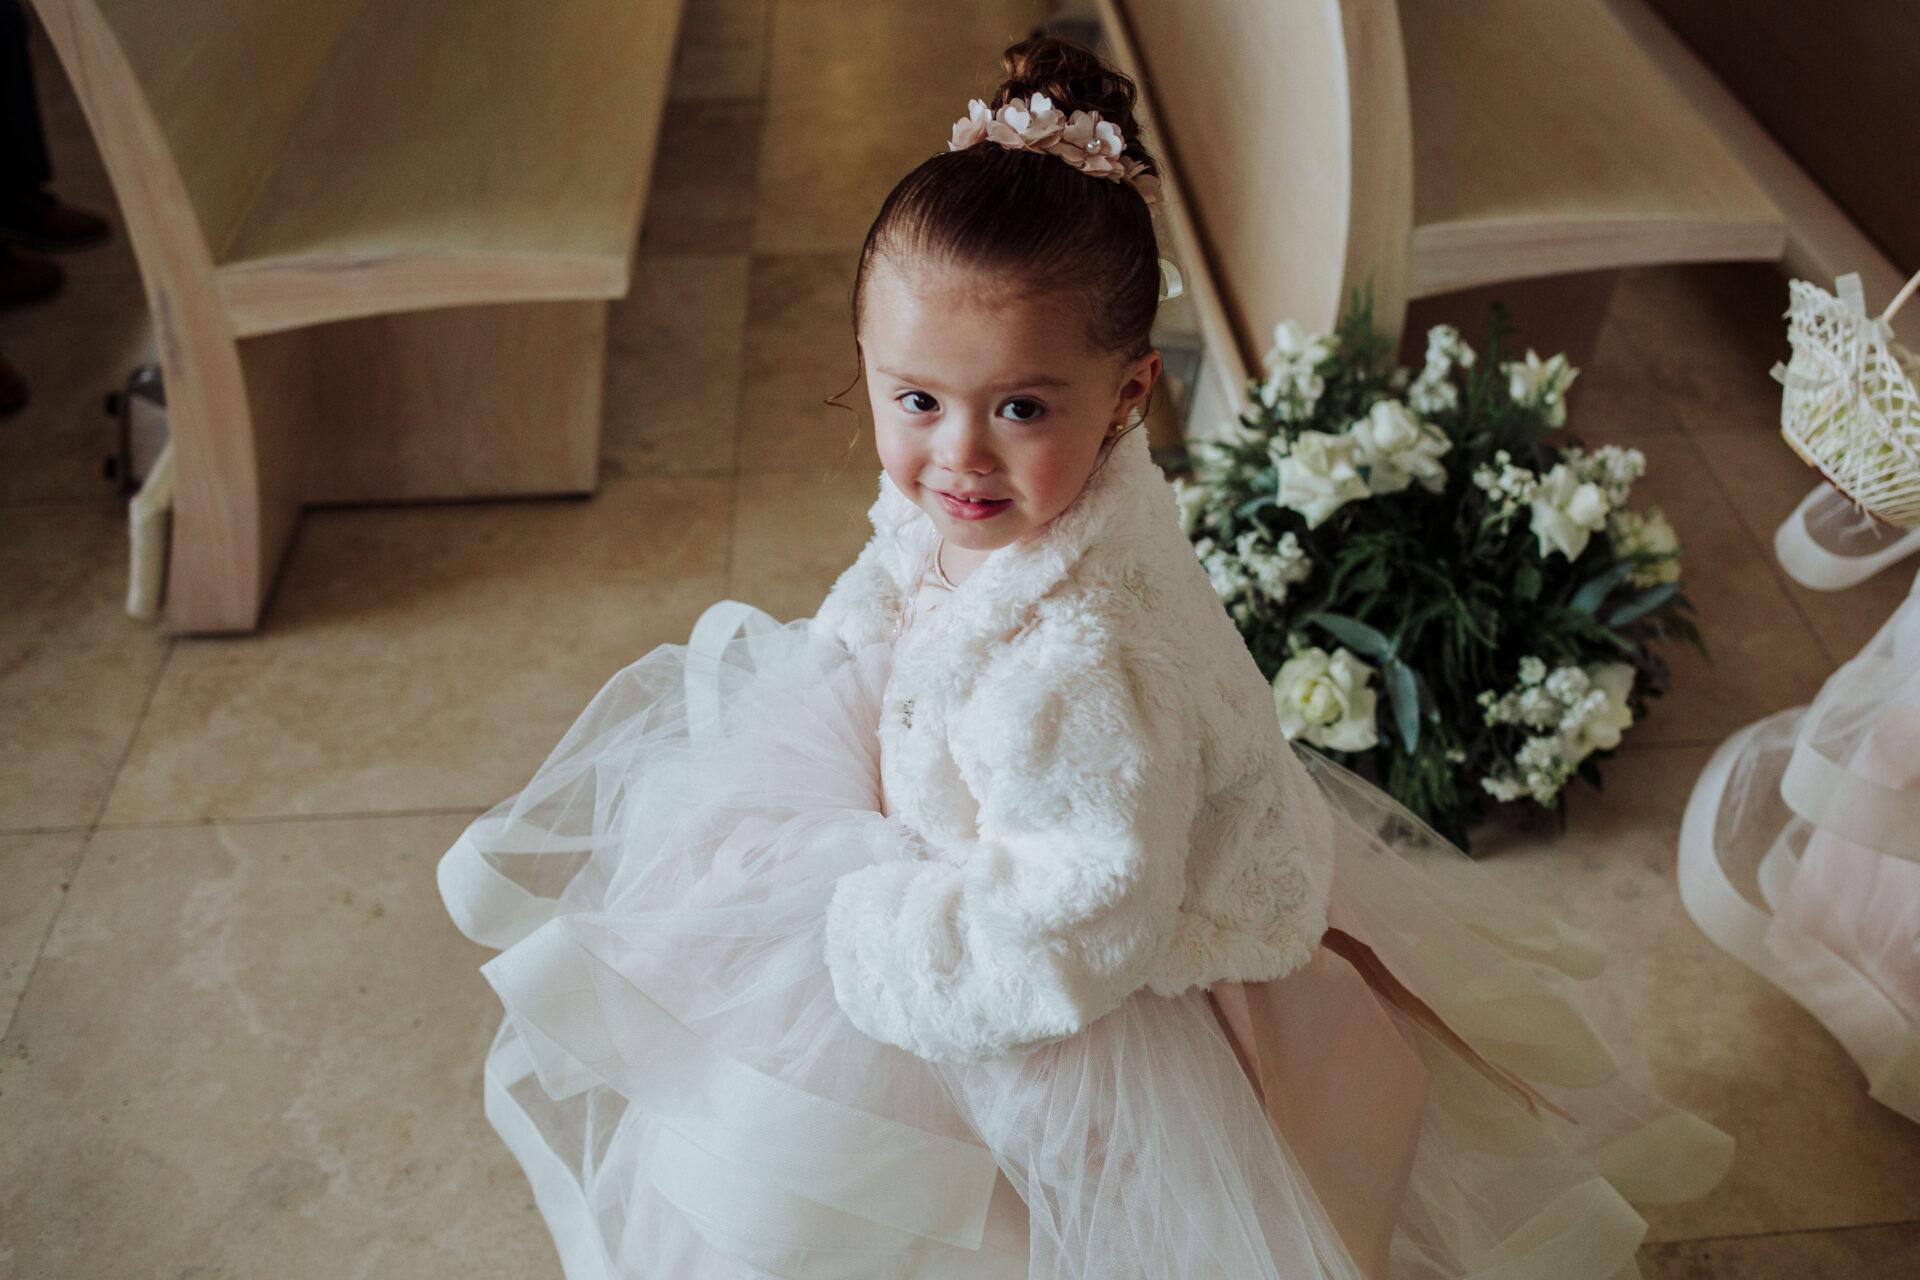 javier_noriega_fotografo_Boda_san_ramon_zacatecas_wedding_photographer3